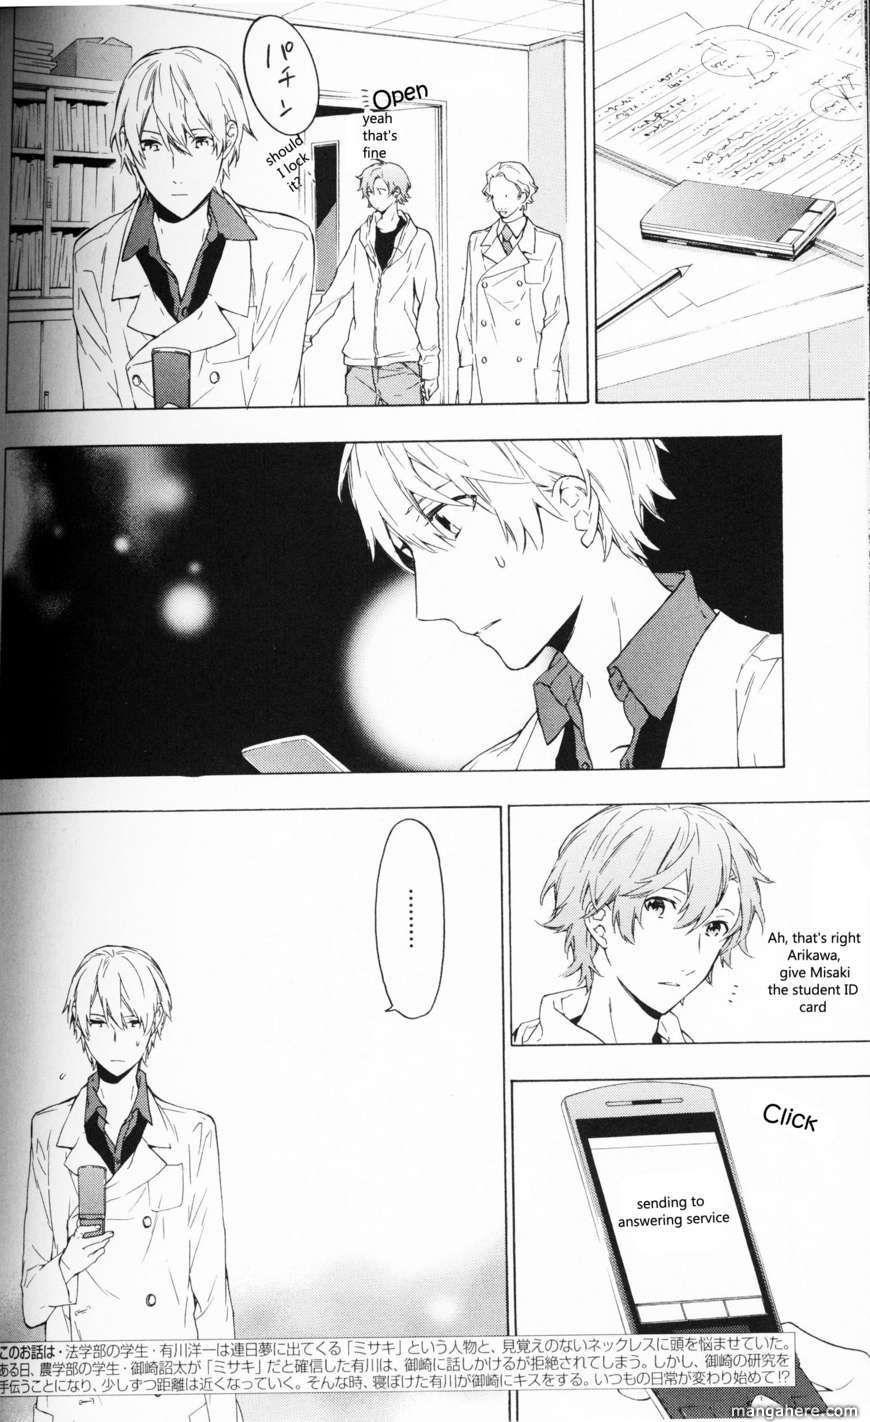 Hana no Mizo Shiru 6 Page 3